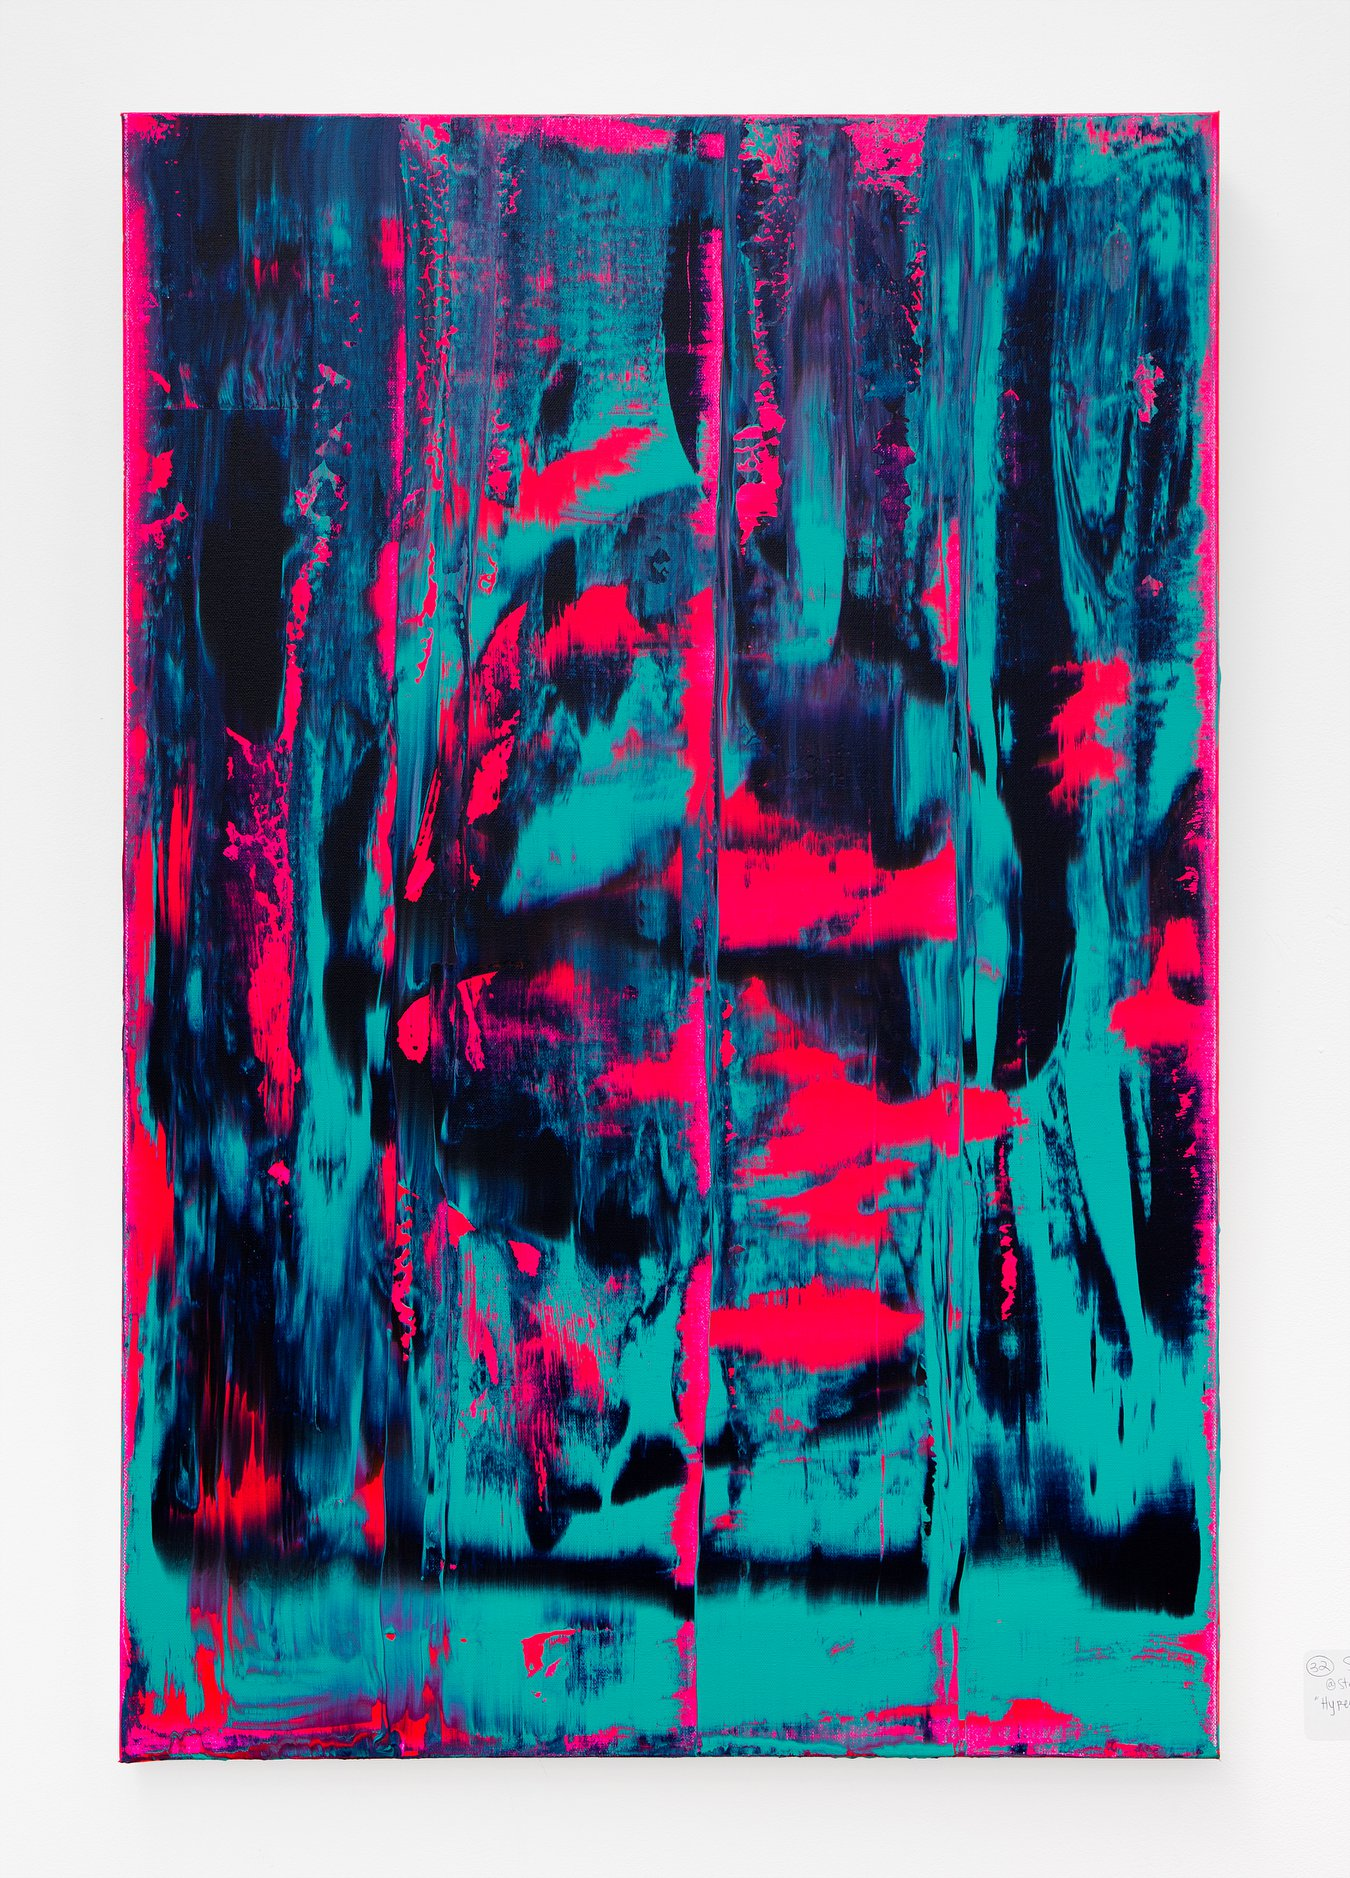 """Stephen Sharon - """"Hyper nation breakout"""" Insta: @stevesharonart  For Sale: $350"""